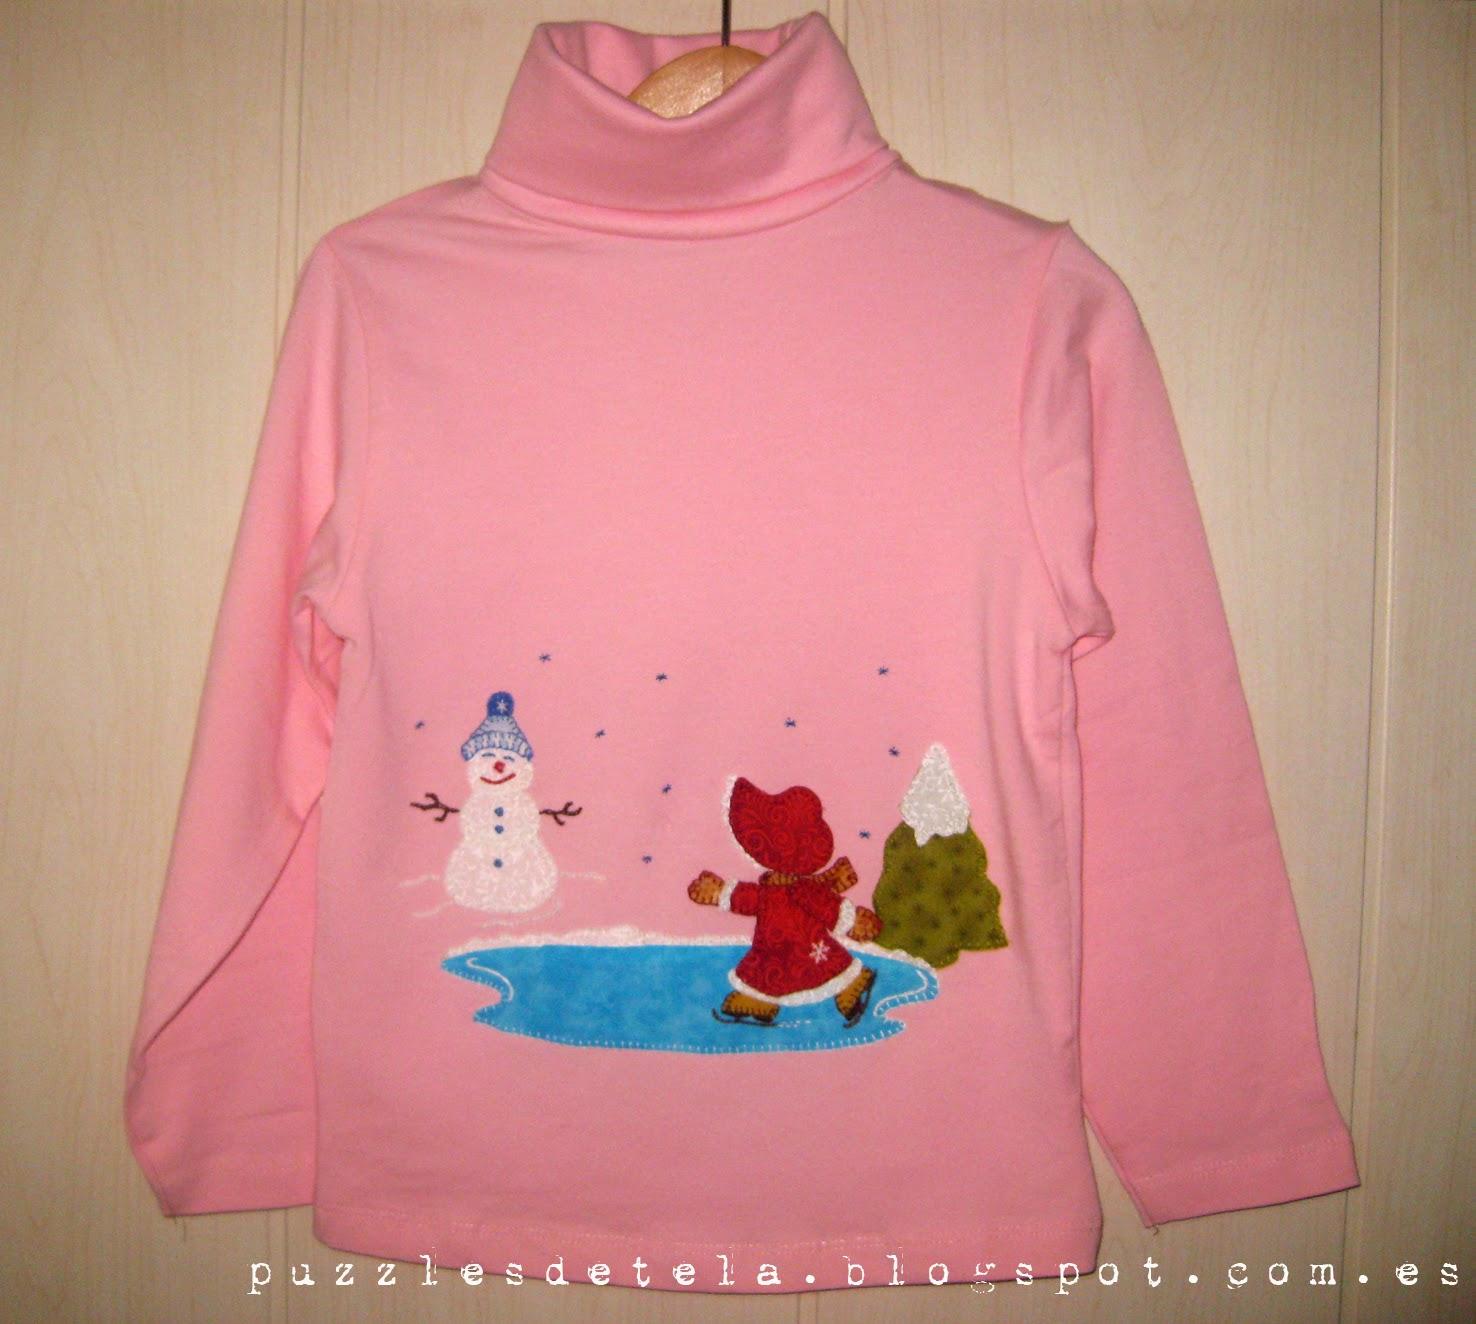 pattchwork, camiseta aplicacion patchwork, camiseta patchwork, Sunbonnet Sue, camiseta sunbonnet sue, jersey, invierno, regalos navidad, ideas regalos, regalos,